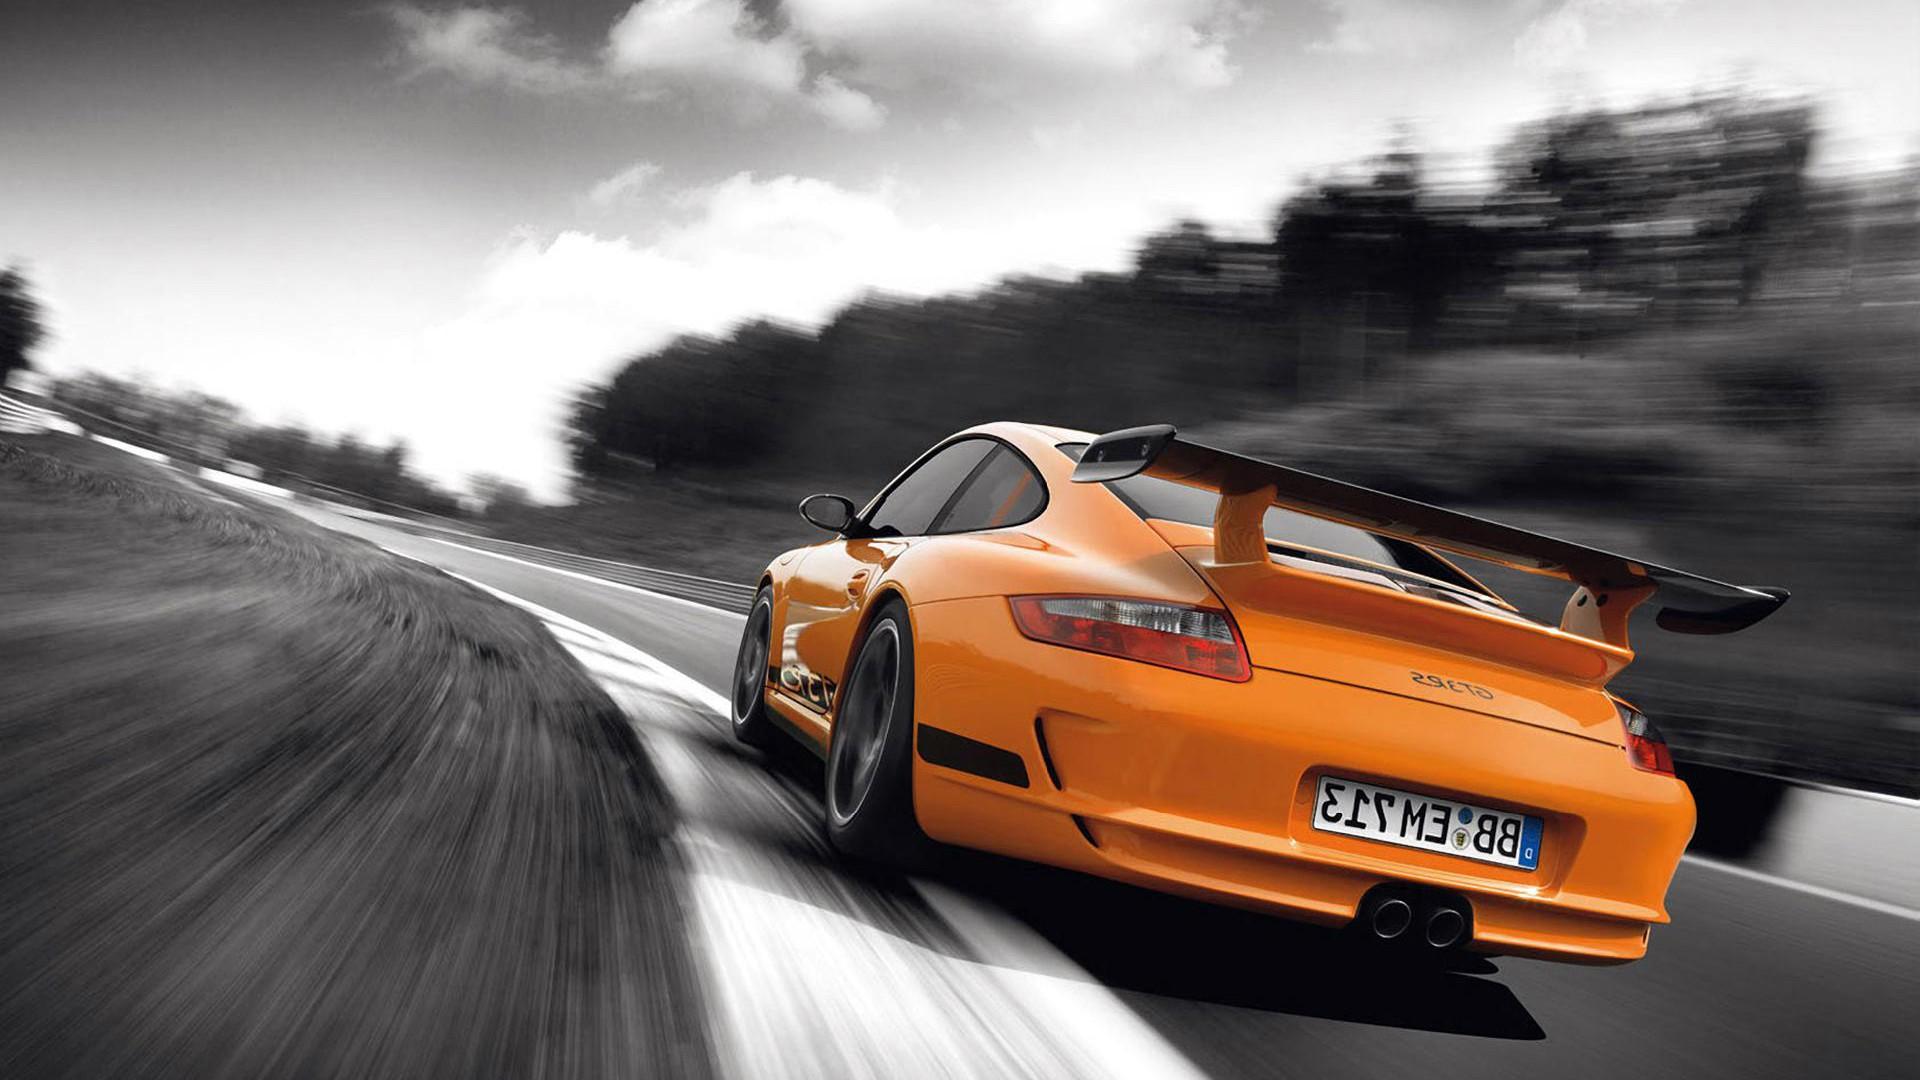 Porsche hd Wallpapers 1080p Porsche Gt3 hd Wallpapers 1920x1080